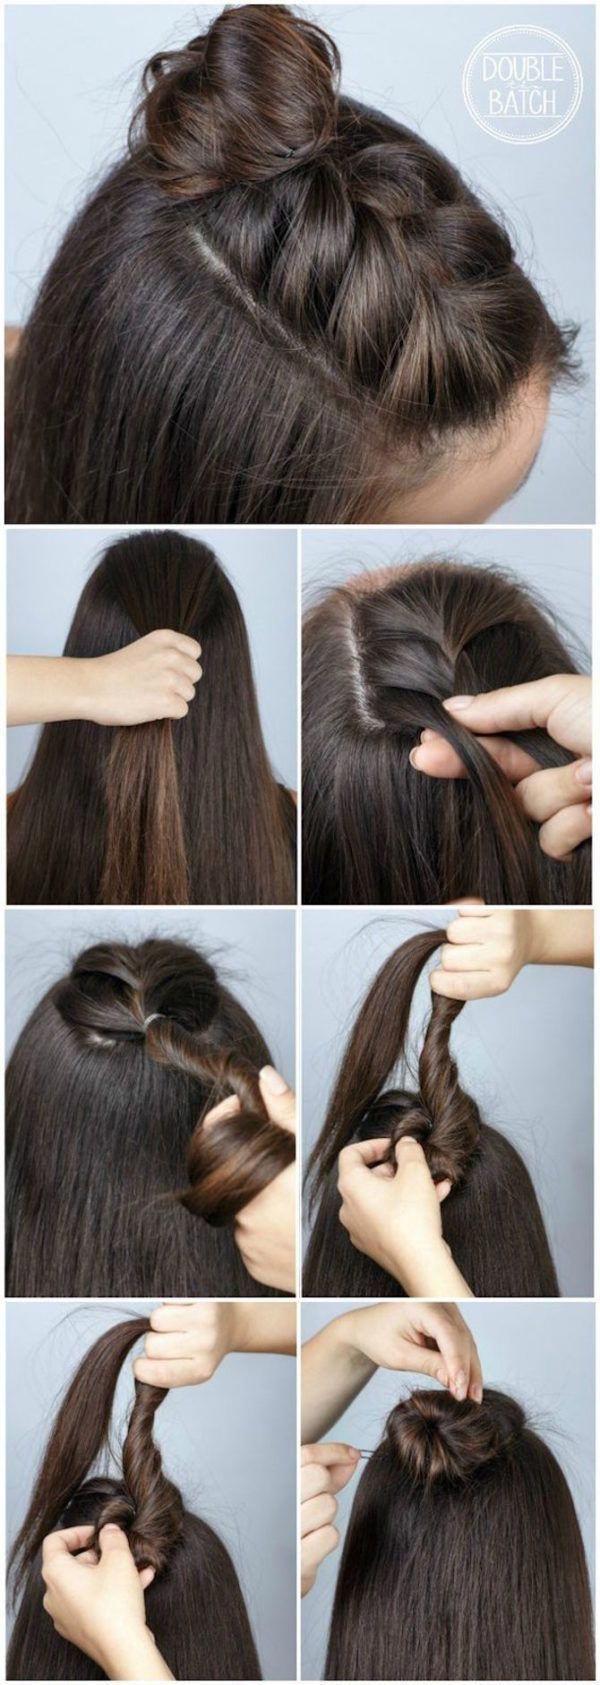 Easy hairstyles easytomake stepbystep hairstyles